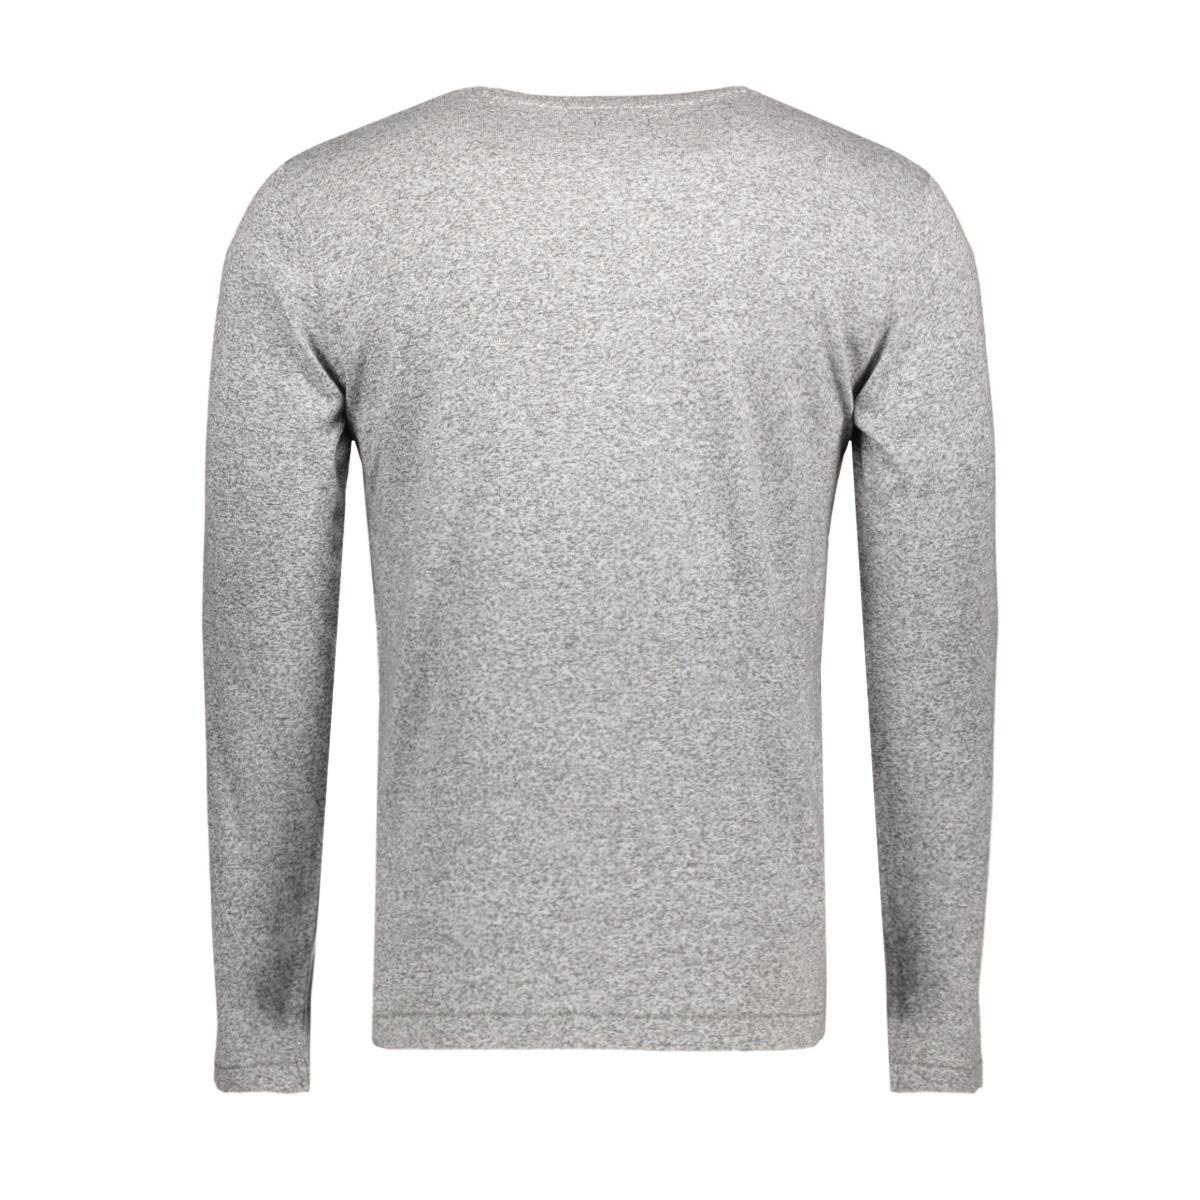 097ee2k004 esprit t-shirt e036